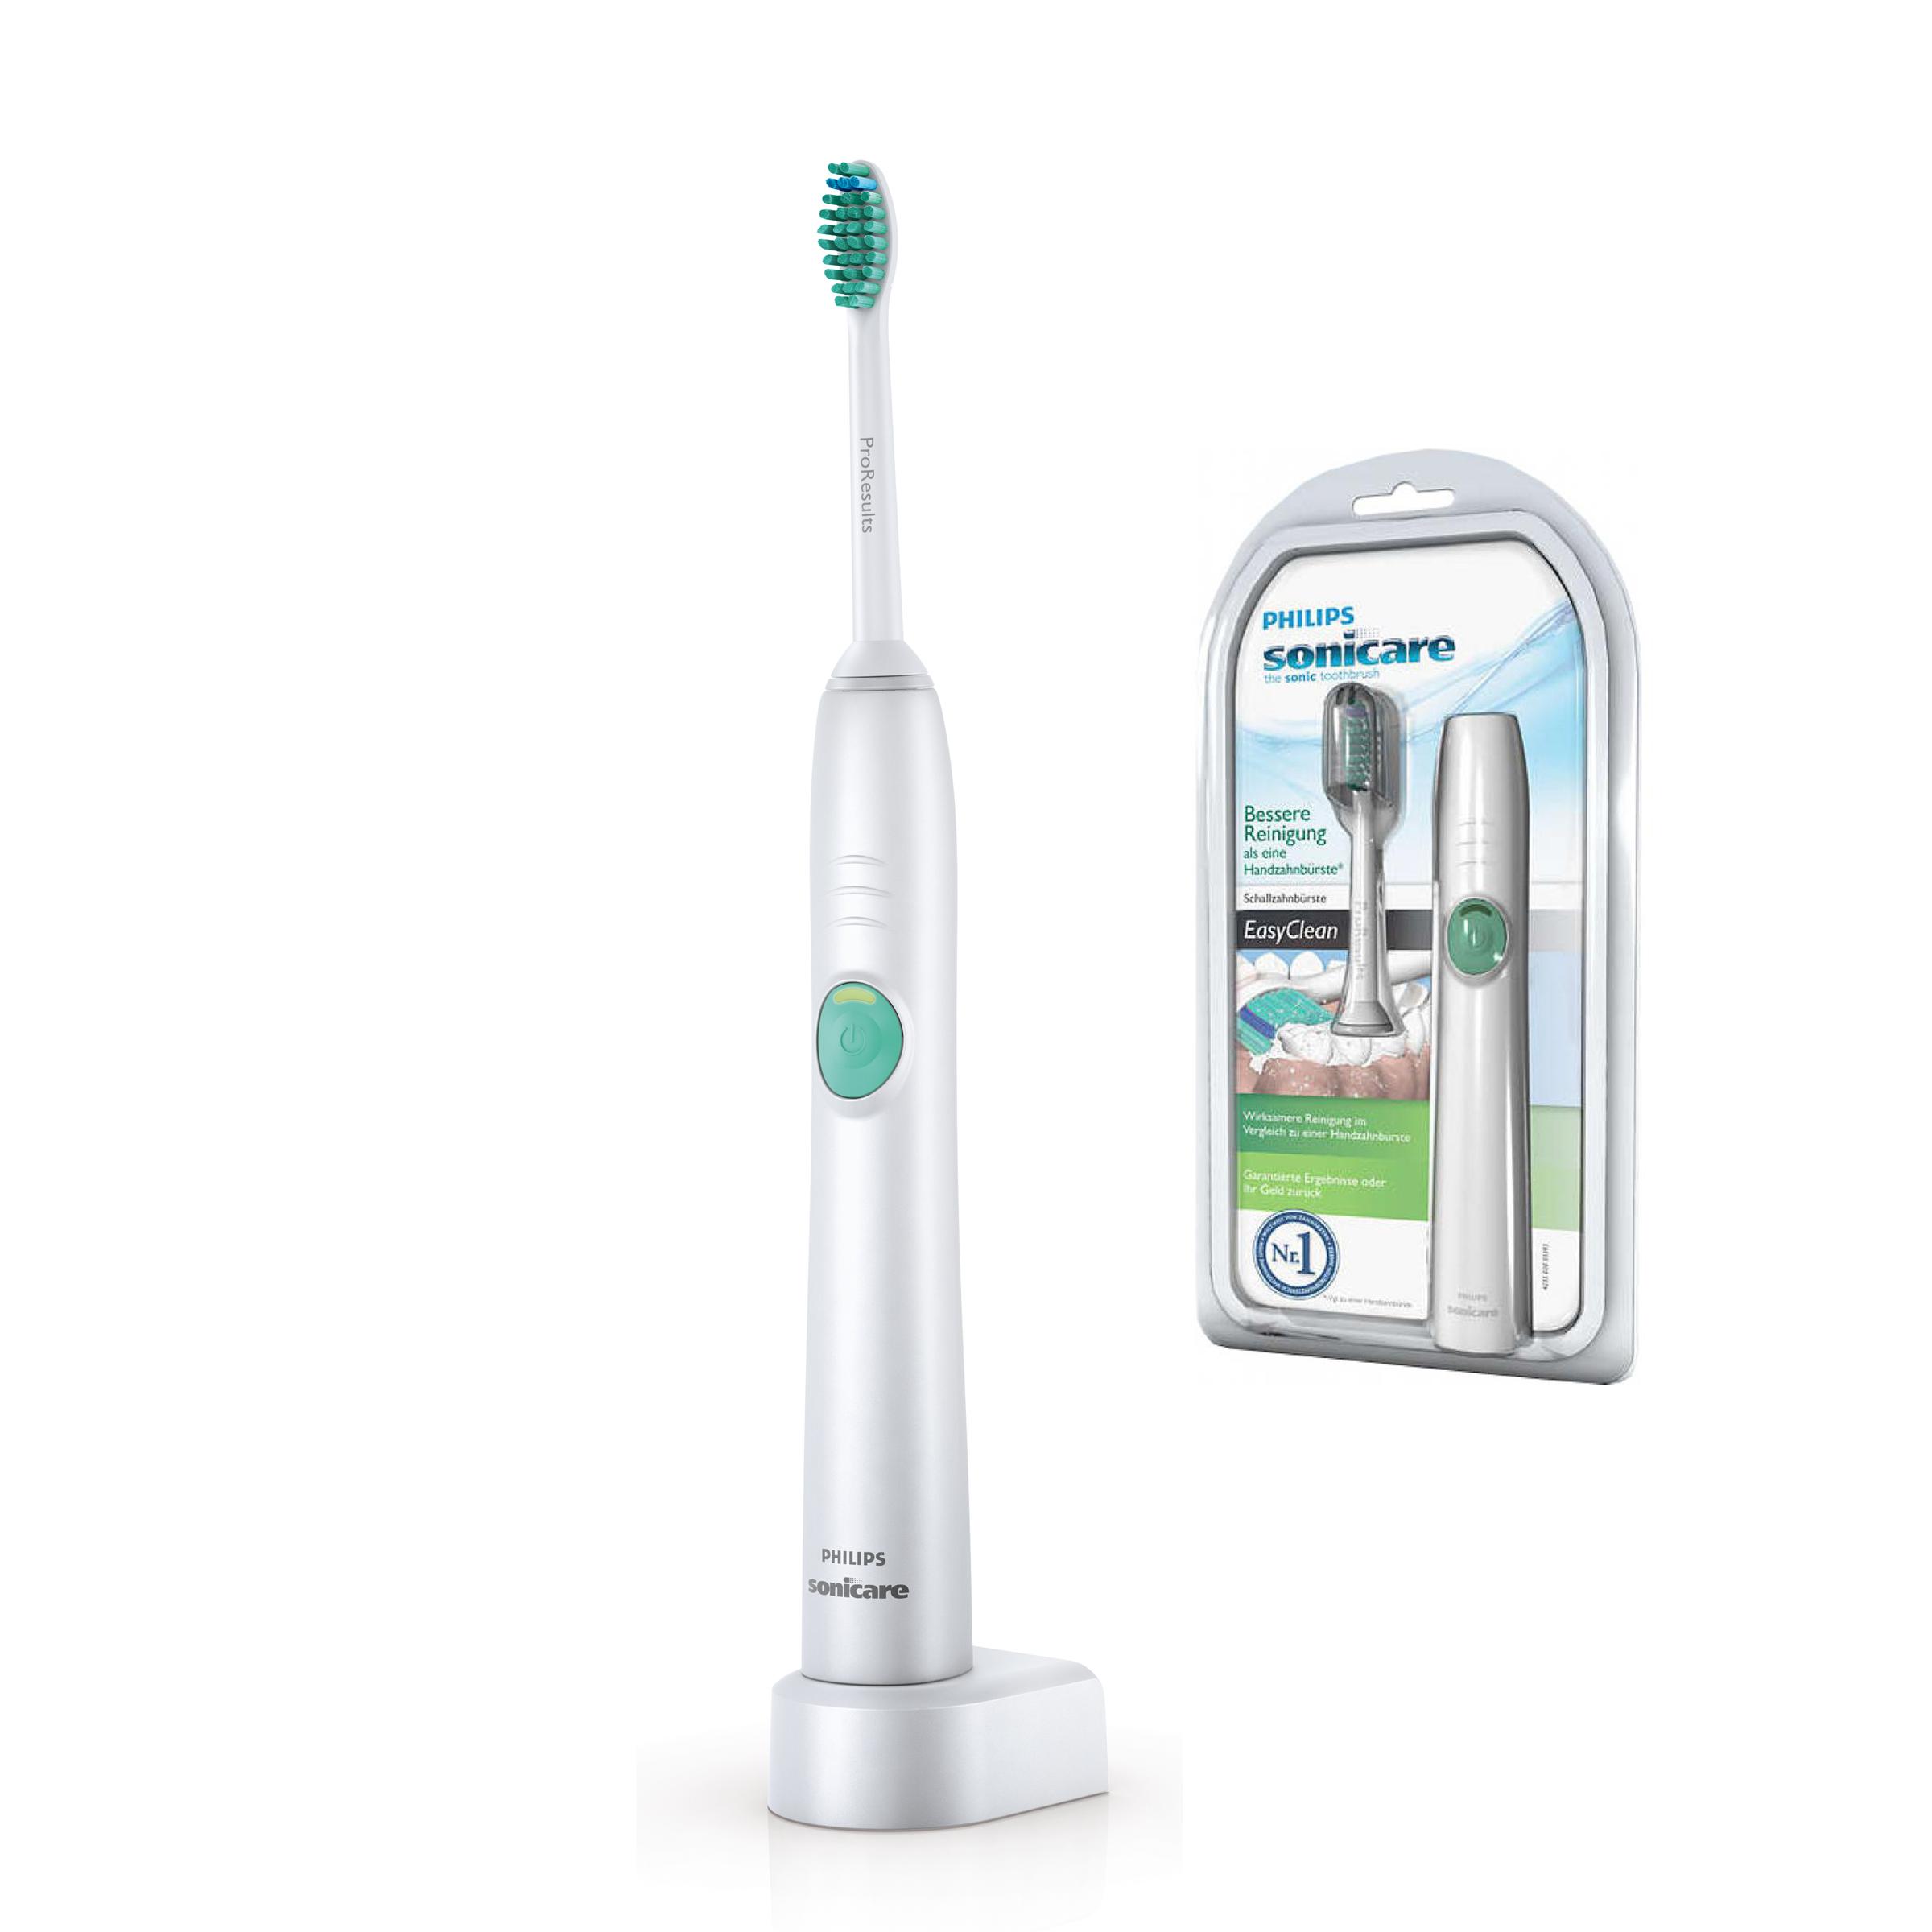 Philips EasyClean HX6511/02 звуковая зубная щеткаHX6511/02№1 бренд звуковых зубных щеток рекомендуемый стоматологами всего мира. На основании опроса более 4500 зубных врачей, Приоритиз Ресерч, 2012. Более 20лет клинических исследований Sonicare.Ирригационный эффект технологии Sonicare способствует более качественному удалению зубного налета из труднодоступных участков полости рта и вдоль линии десен. Удаляет в 2 раза больше налета по сравнению с обычной зубной щеткой. Осветляет зубы до 2 тонов. В комплекте 1 насадка ProResults (жесткость средняя).Таймер с 30-секундным интервалом сообщает об окончании чистки каждого квадранта полости рта.Подает сигнал для перехода к следующему, в результате чего чистка выполняется более тщательно. Эта функция постепенно, в течение первых 14 чисток, увеличивает интенсивность чистки, облегчая привыкание к использованию электрической зубной щетки Philips Sonicare HX6511/02. Подходит для использования при наличии пломб, коронок, брекетов и других ортодонтических конструкций. Функция Отбеливание эффективно удалить налет и потемнения с поверхности эмали, чтобы ваша улыбка всегда оставалась белоснежной.